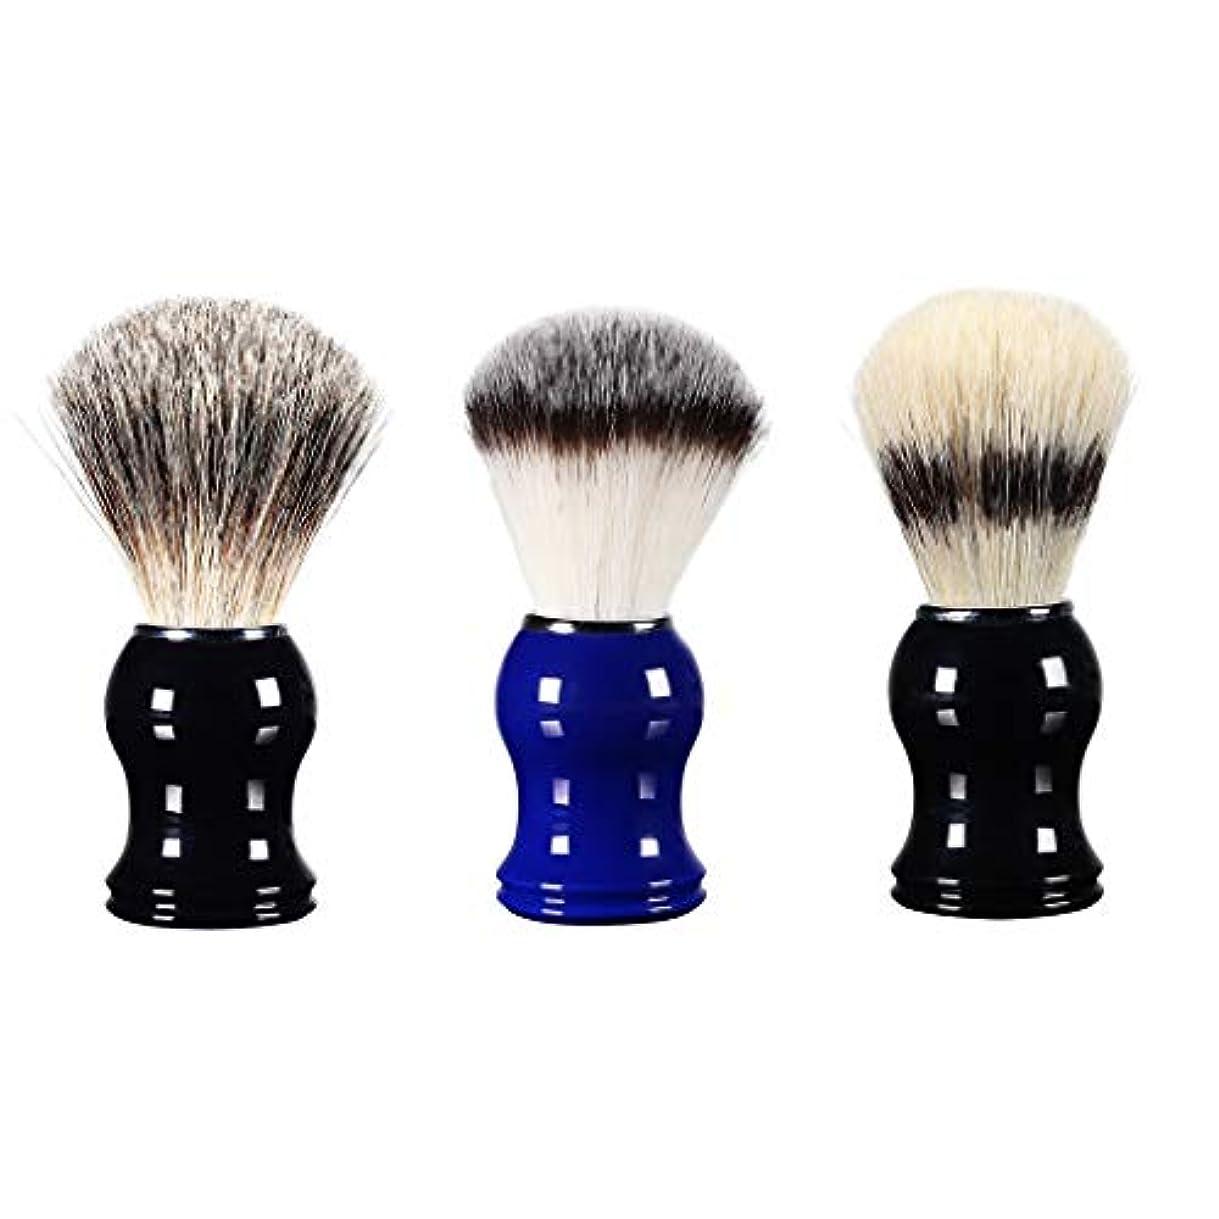 死気晴らしキャプテンchiwanji 3個 男性用 シェービング用ブラシ 理容 洗顔 髭剃り 泡立ち アクセサリー